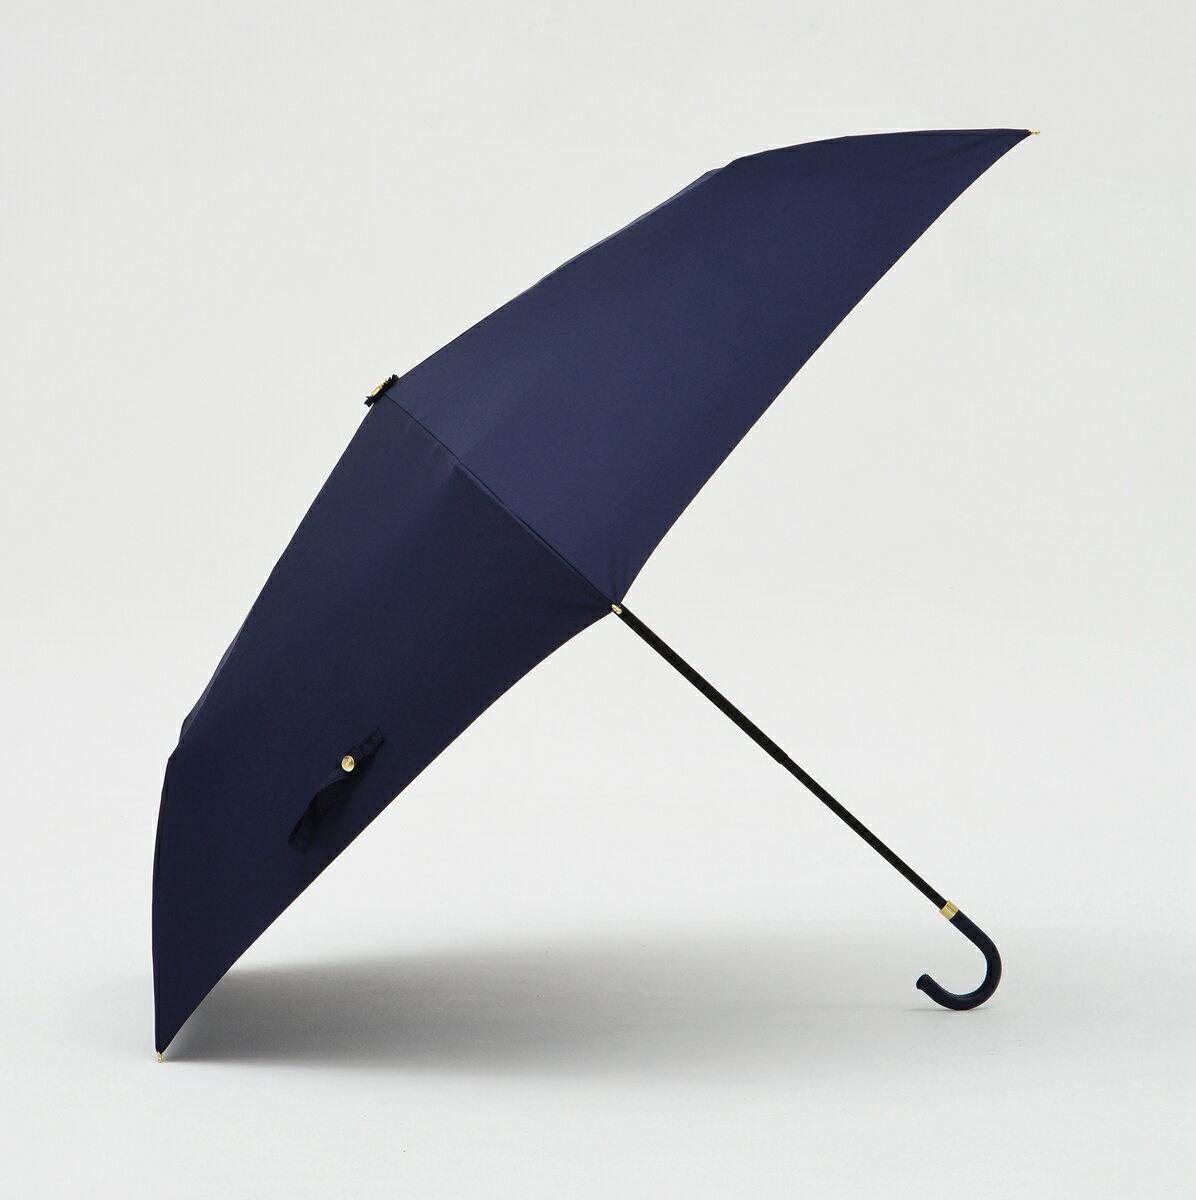 折りたたみ傘 晴雨兼用 レディース おしゃれ 折りたたみ傘 晴雨兼用 軽量 エレガント 折りたたみ傘 晴雨兼用 55 超軽量 晴雨兼用 折りたたみ傘 uvカット 軽量 コンパクト 丈夫 折り畳み傘 手開き 親骨55cm 収納ケース付き